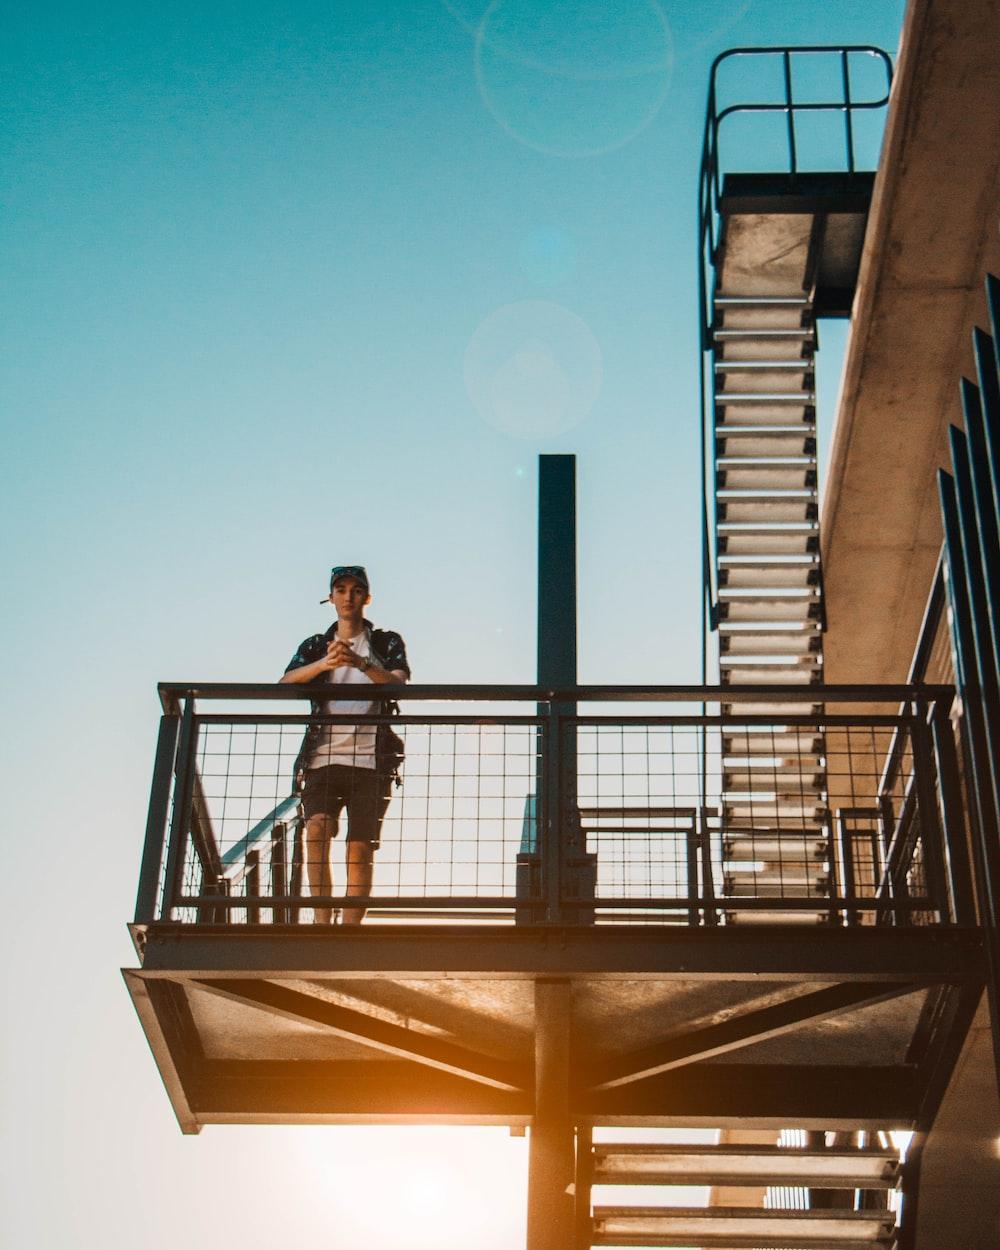 man leaning on balustrade